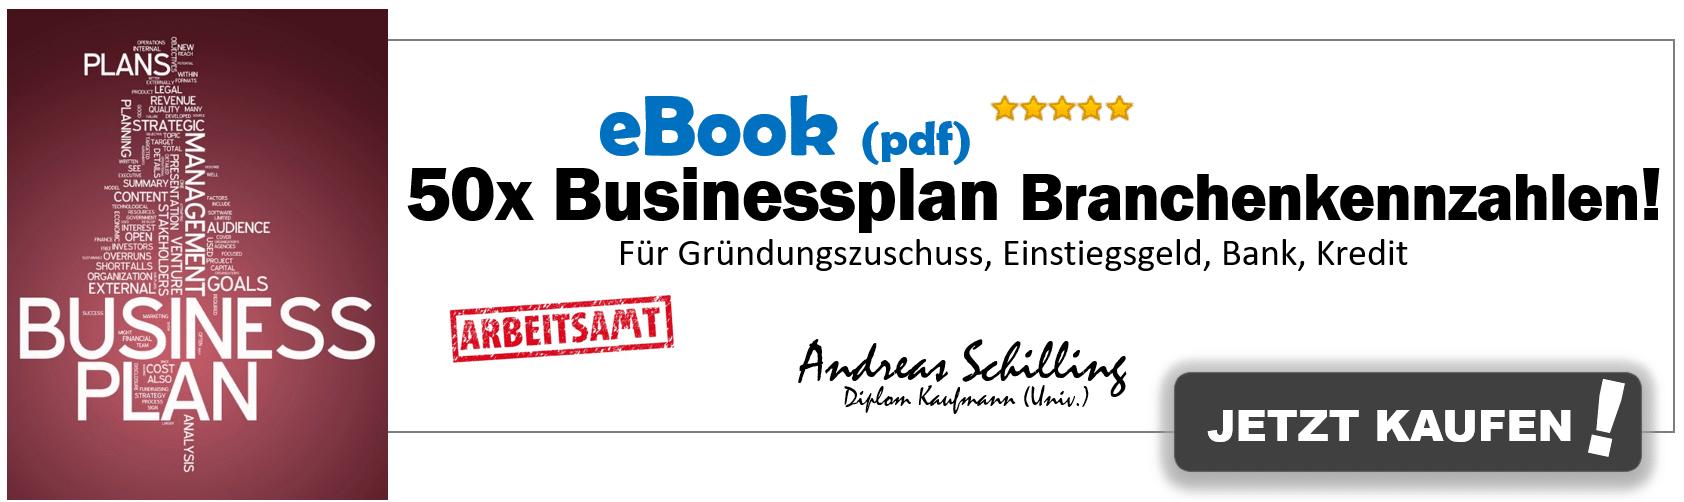 Businessplan Branchenkennzahlen, Businessplan Branchenkennzahlen –  Die Bank schaut genau hin